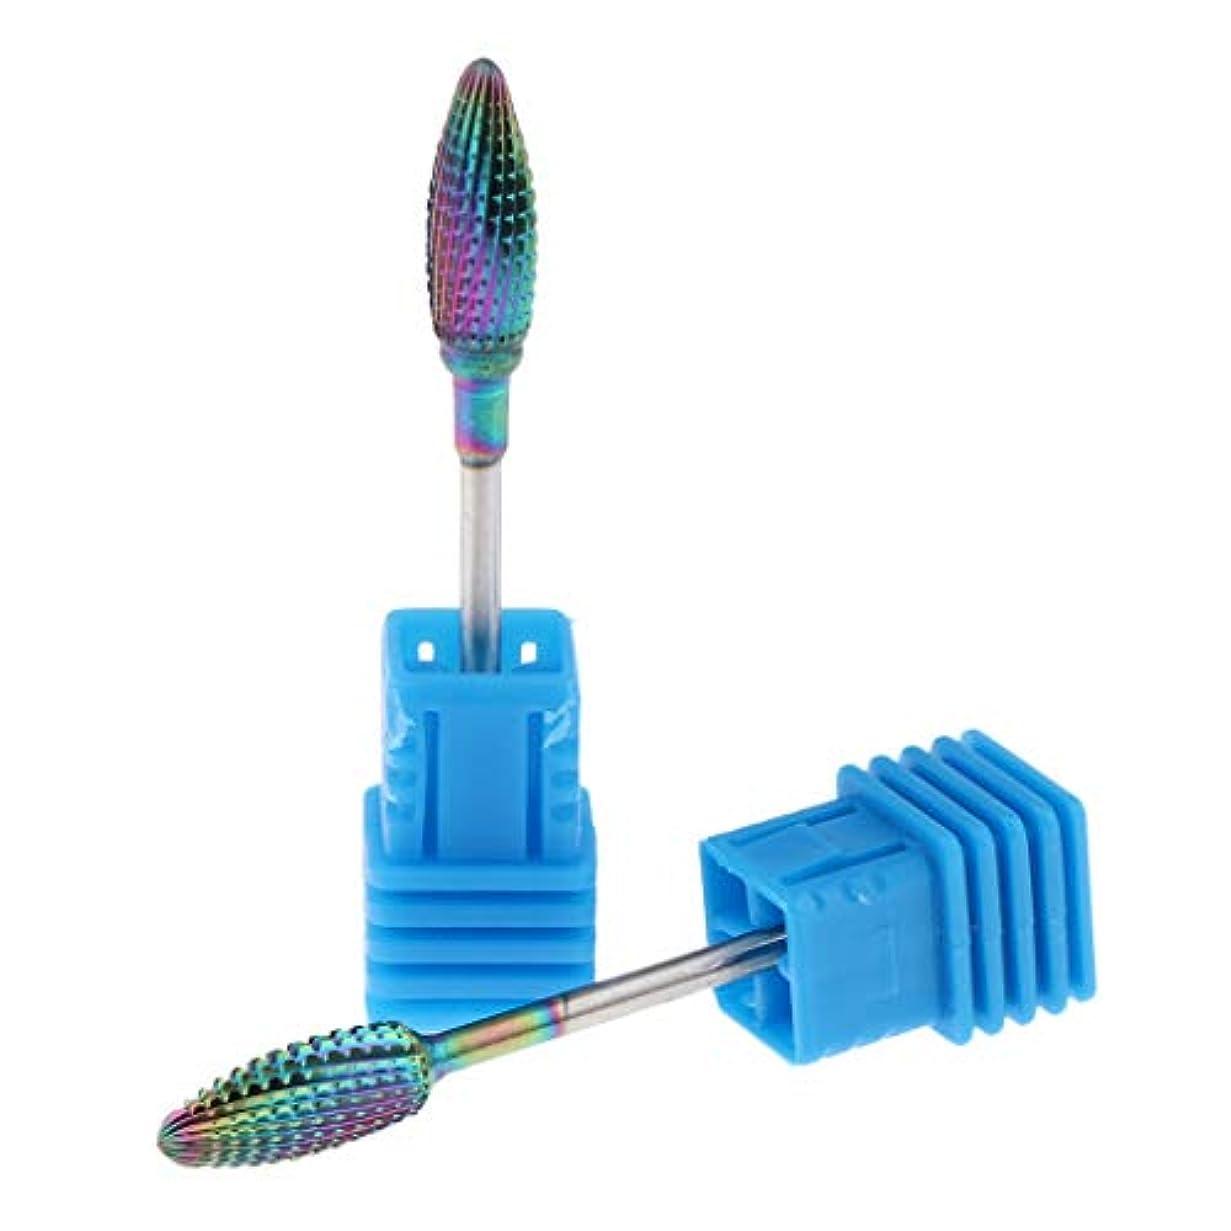 T TOOYFUL 全4サイズ ネイル研磨ヘッド ネイルドリルビット ネイルアートツール タングステン製 爪磨き 研削2本 - 04